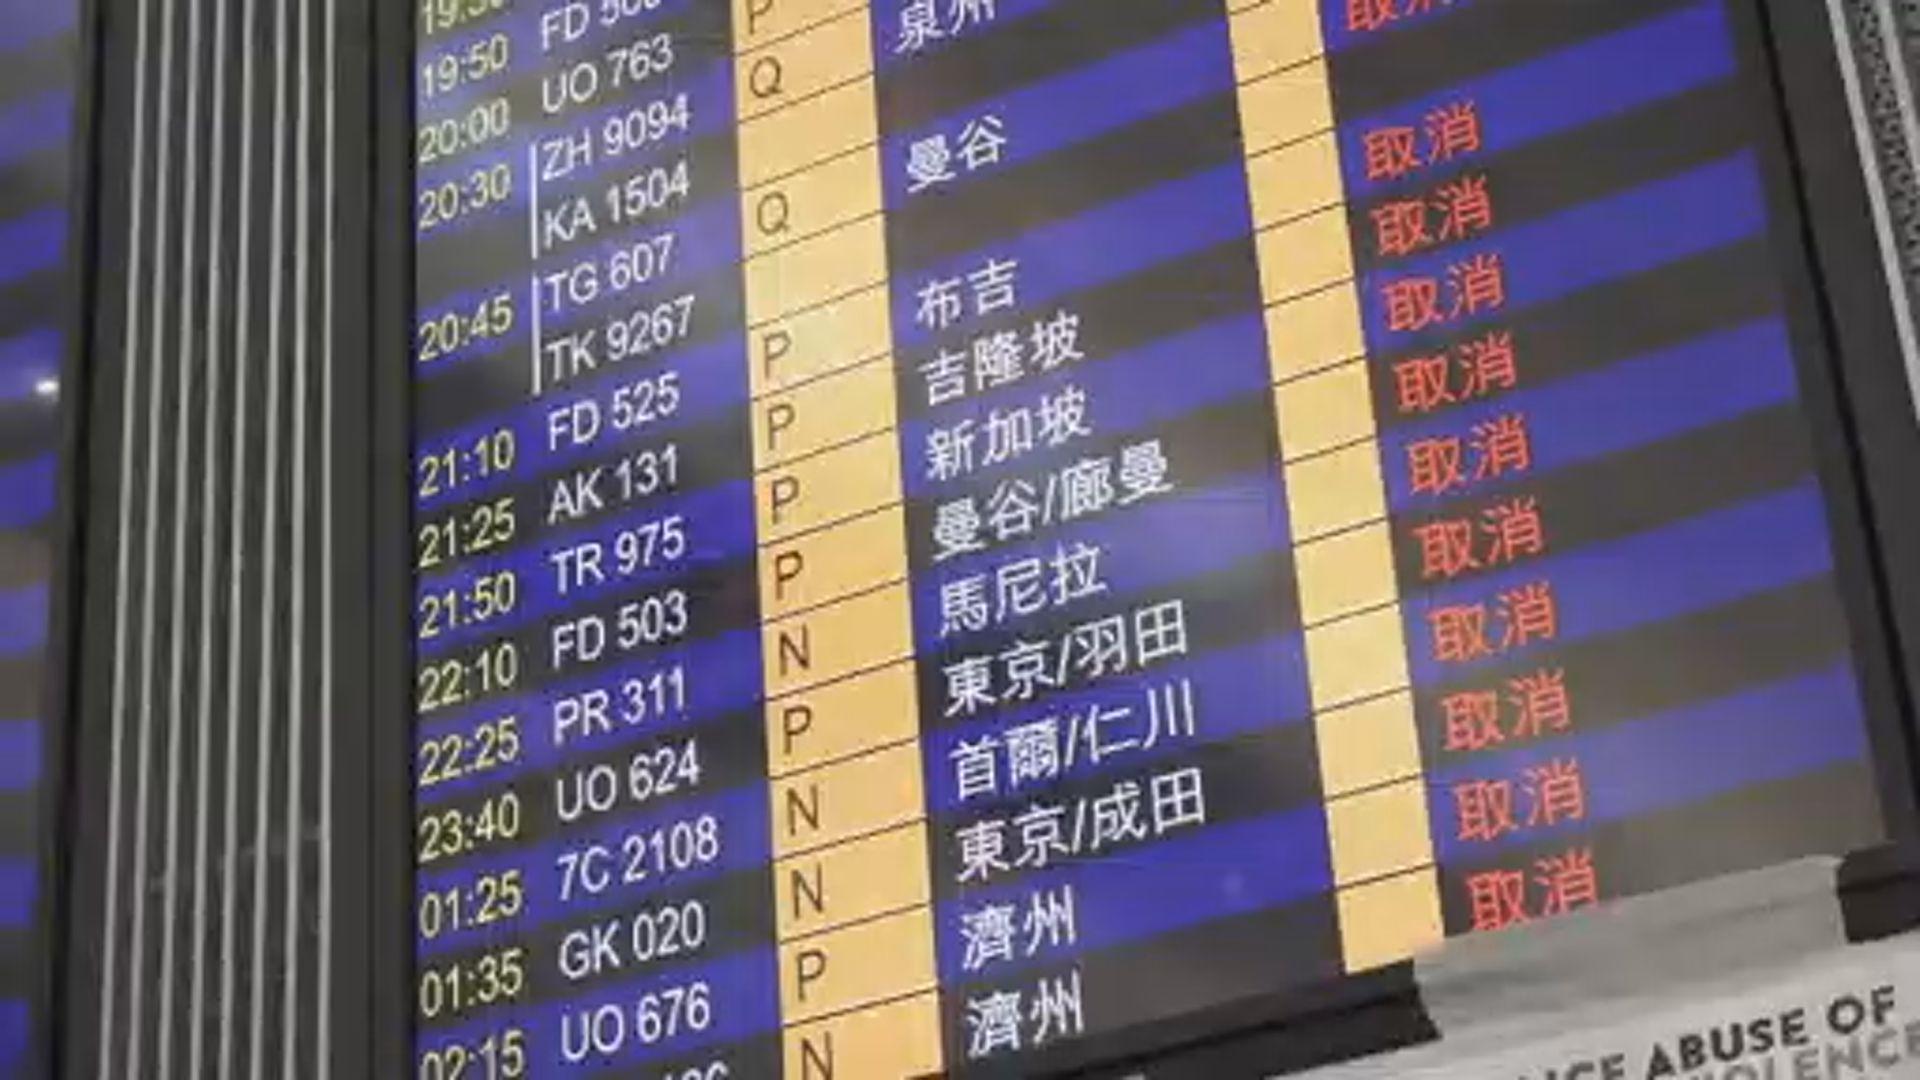 【機場示威】機管局明早六時起視乎情況重新編配航班